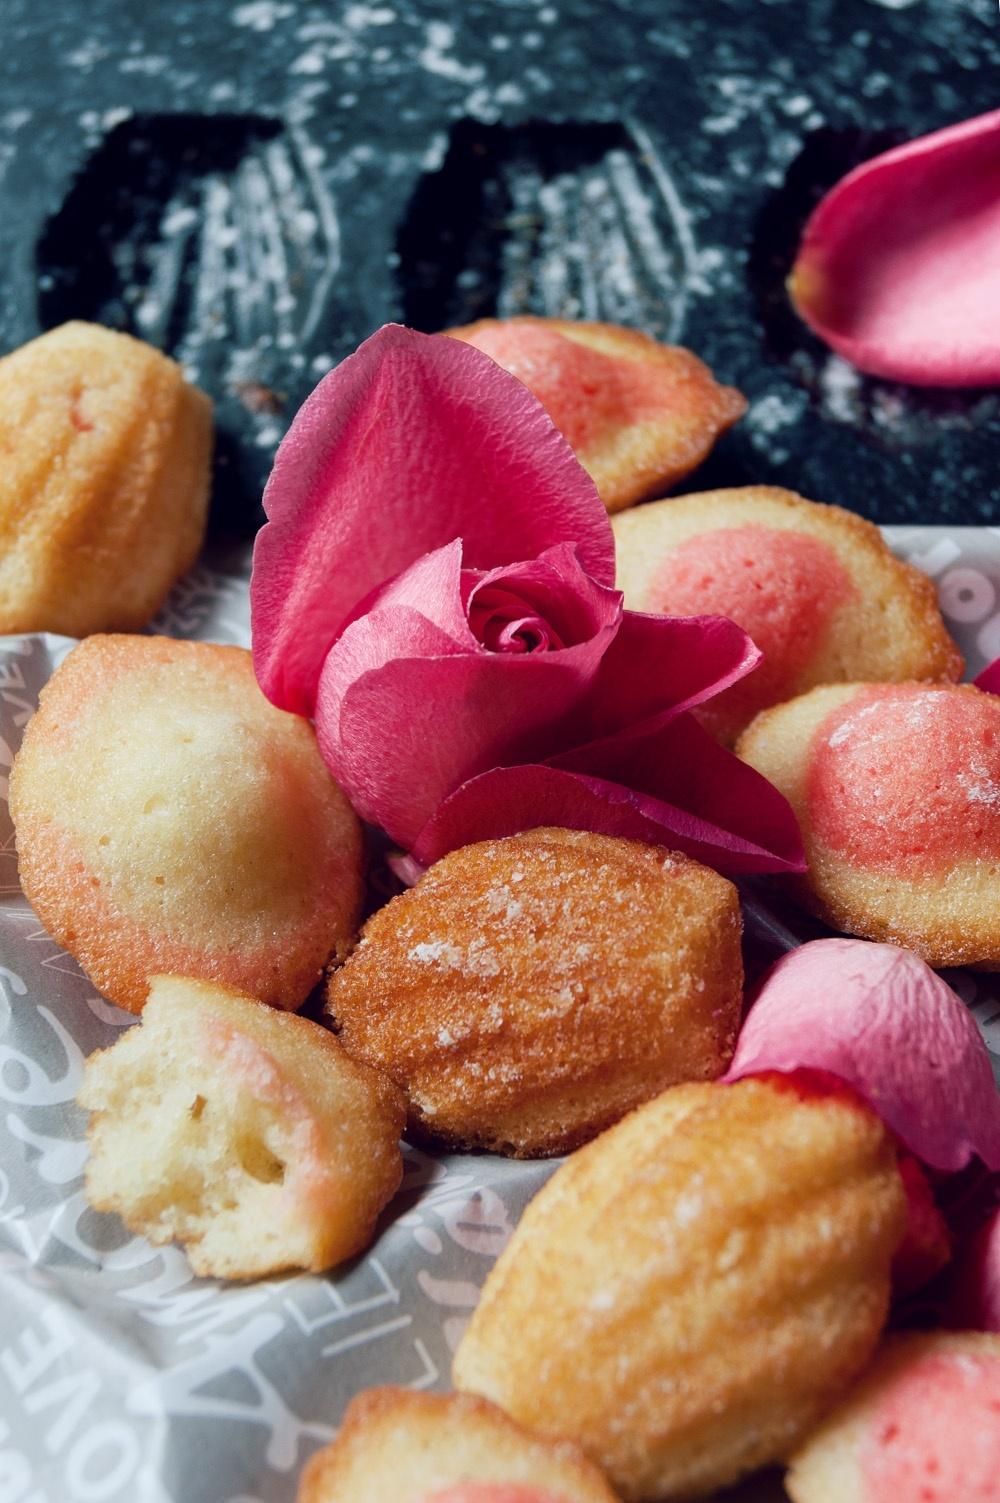 Madeleines bicolores 4 - Qui a volé les tartes - Studio 2 création